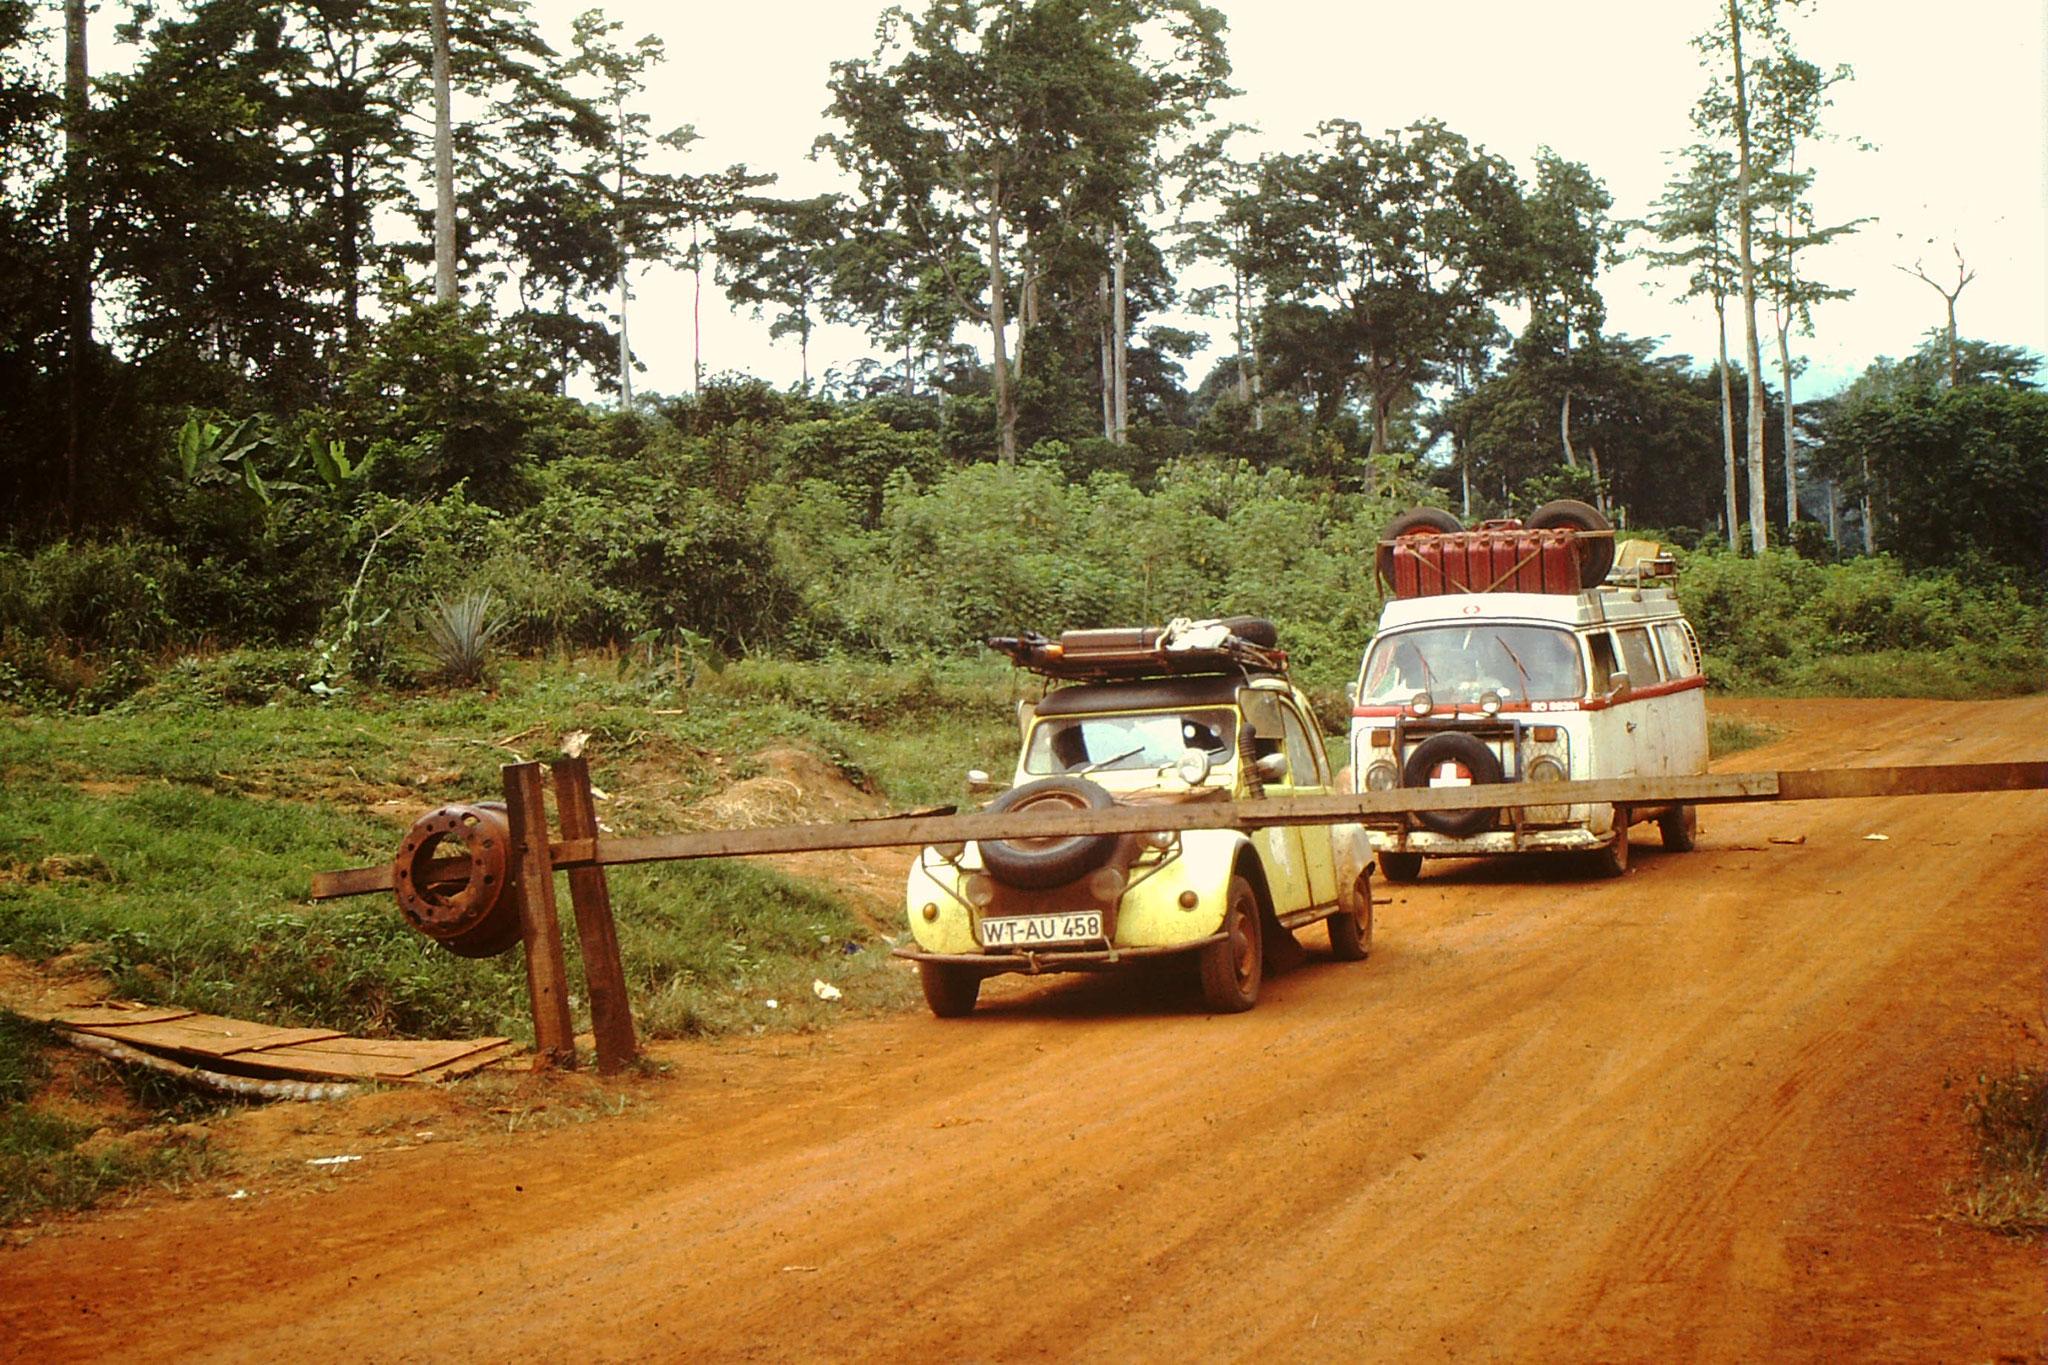 An diesem ganz kleinen Grenzübergang zwischen Ghana und Côte d'Ivoire, der Ort heisst Niable, wurde das Grenzpassierscheinheft auf Anhieb richtig ausgefüllt.